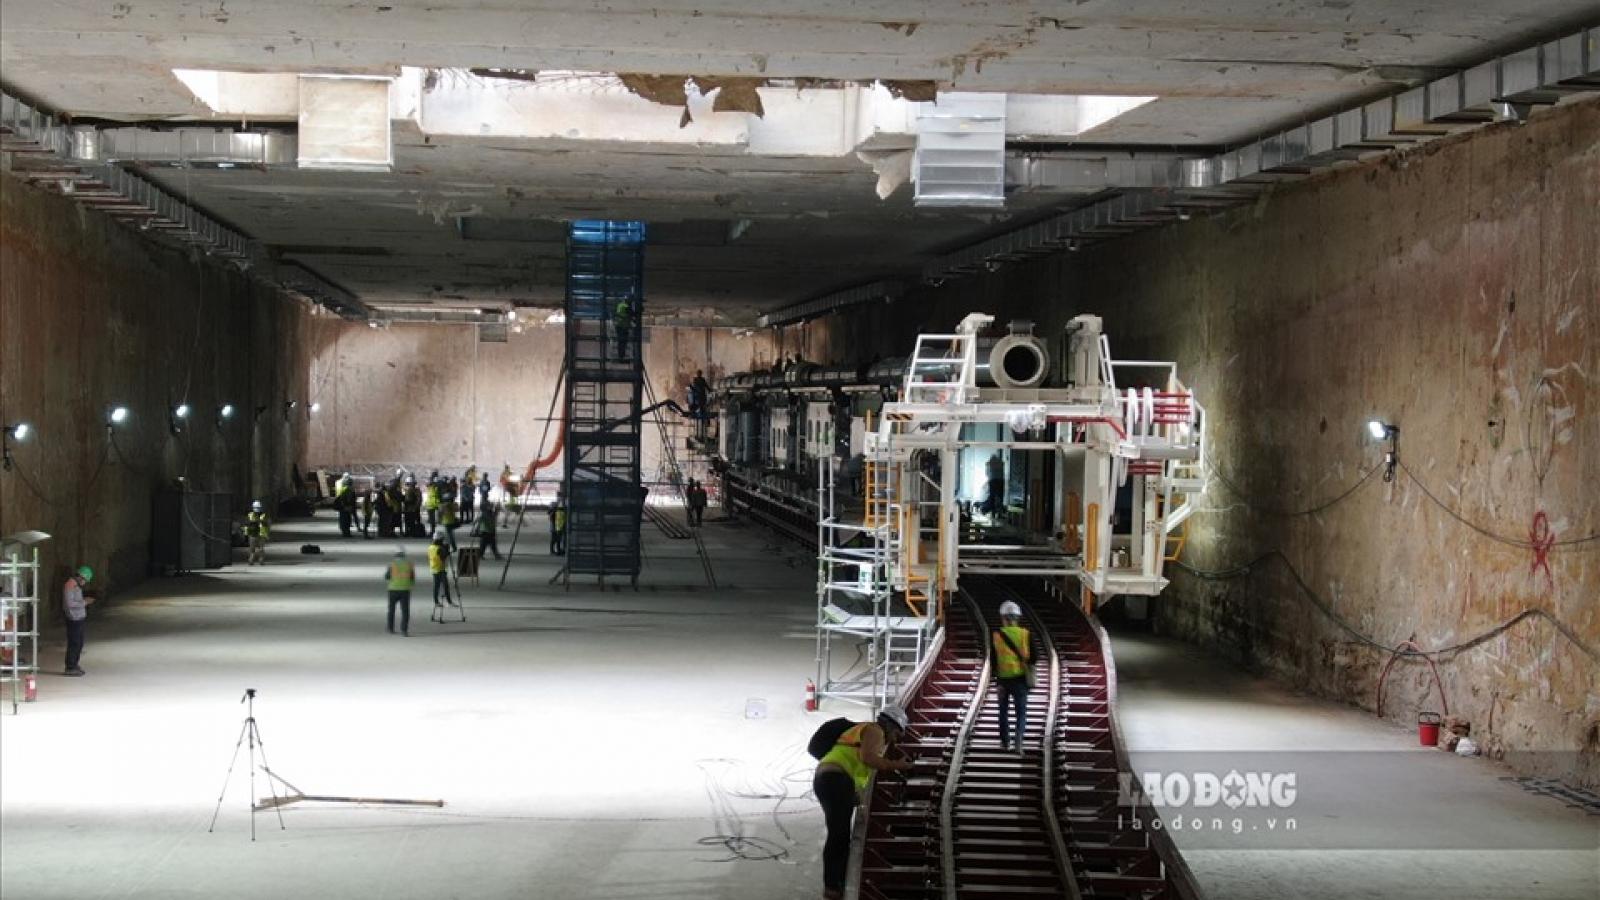 Đảm bảo an toàn công trình trên mặt đất khi robot đào hầm tuyến đường sắt Nhổn-ga Hà Nội